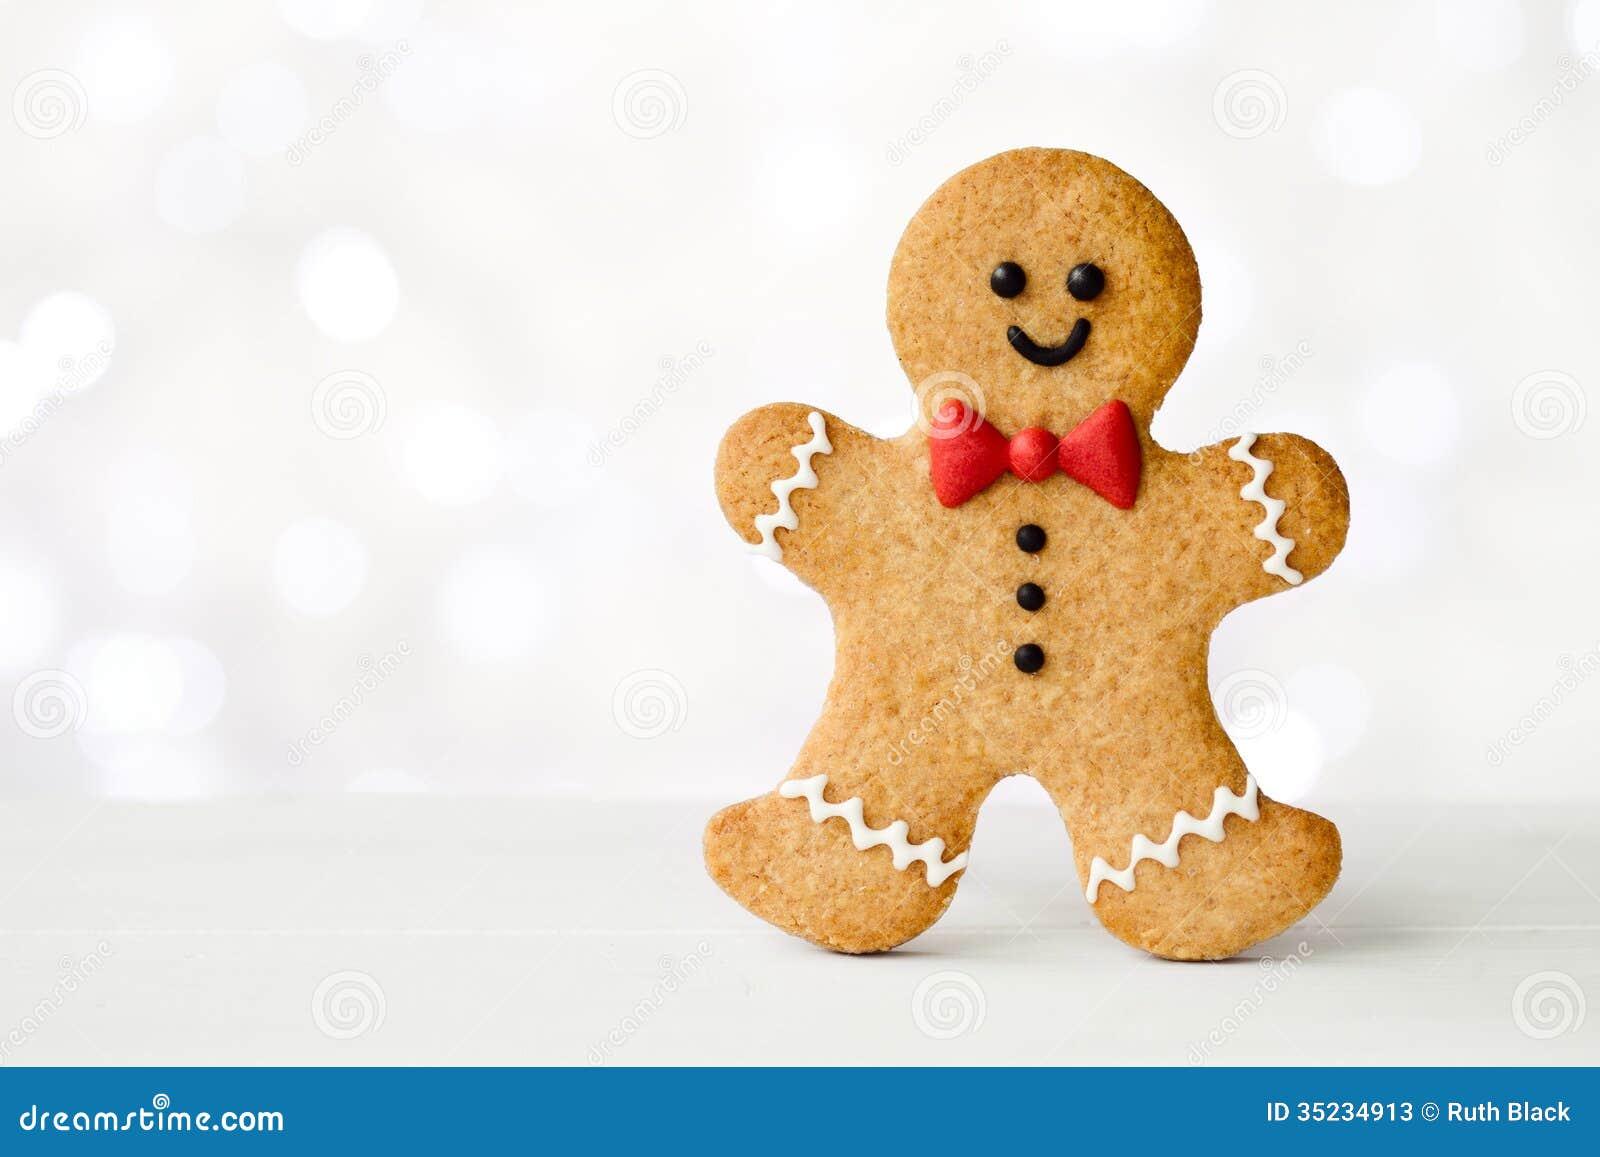 Gingerbread Man Stock Photos - Image: 35234913